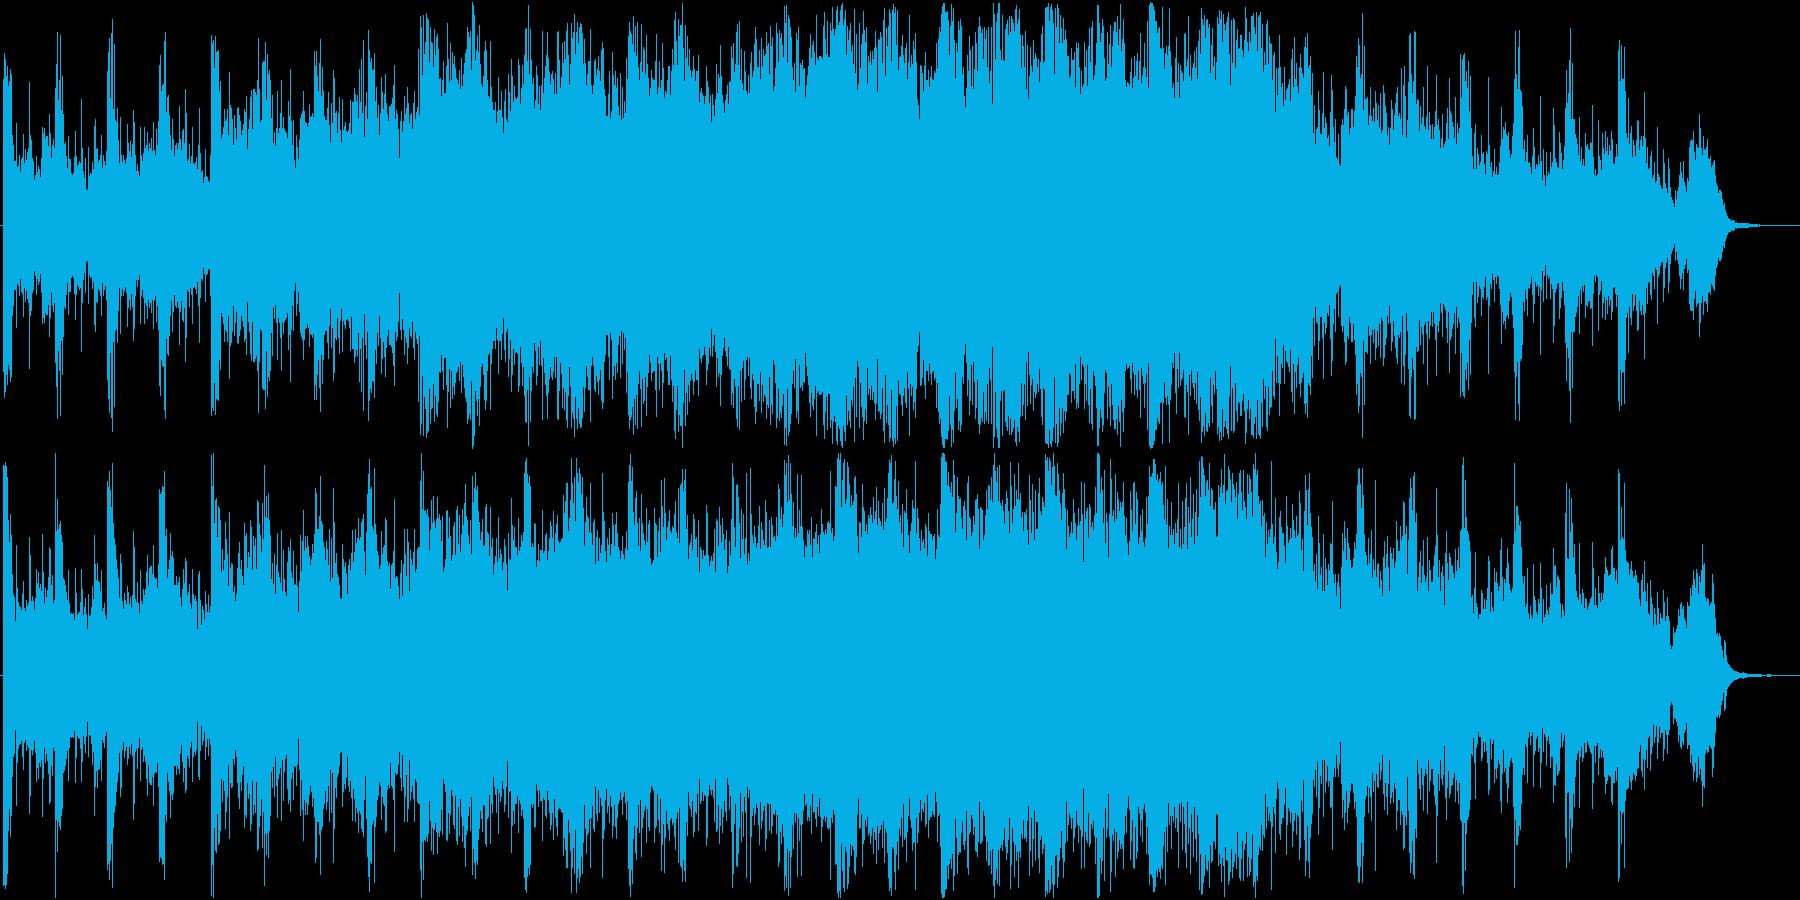 神秘的かつ壮大な音楽の再生済みの波形